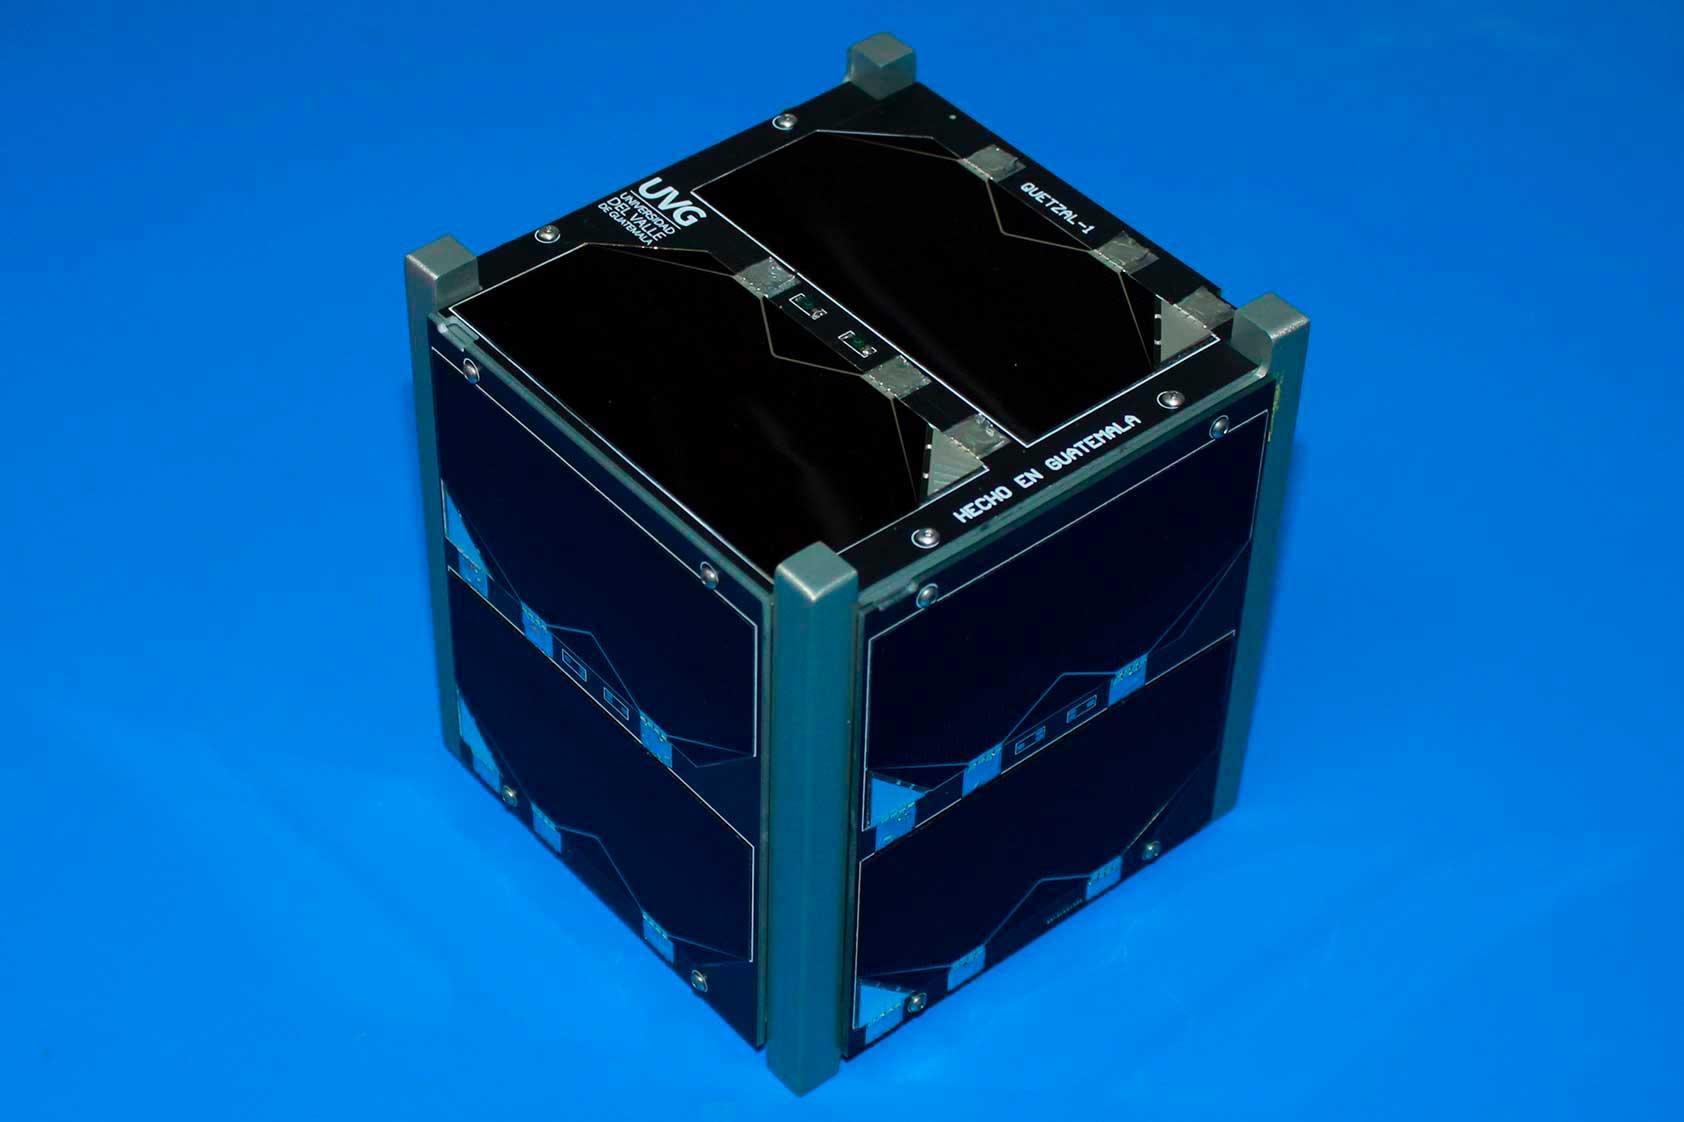 ¿Qué monitoreará el Quetzal-1 al ser lanzado al espacio?